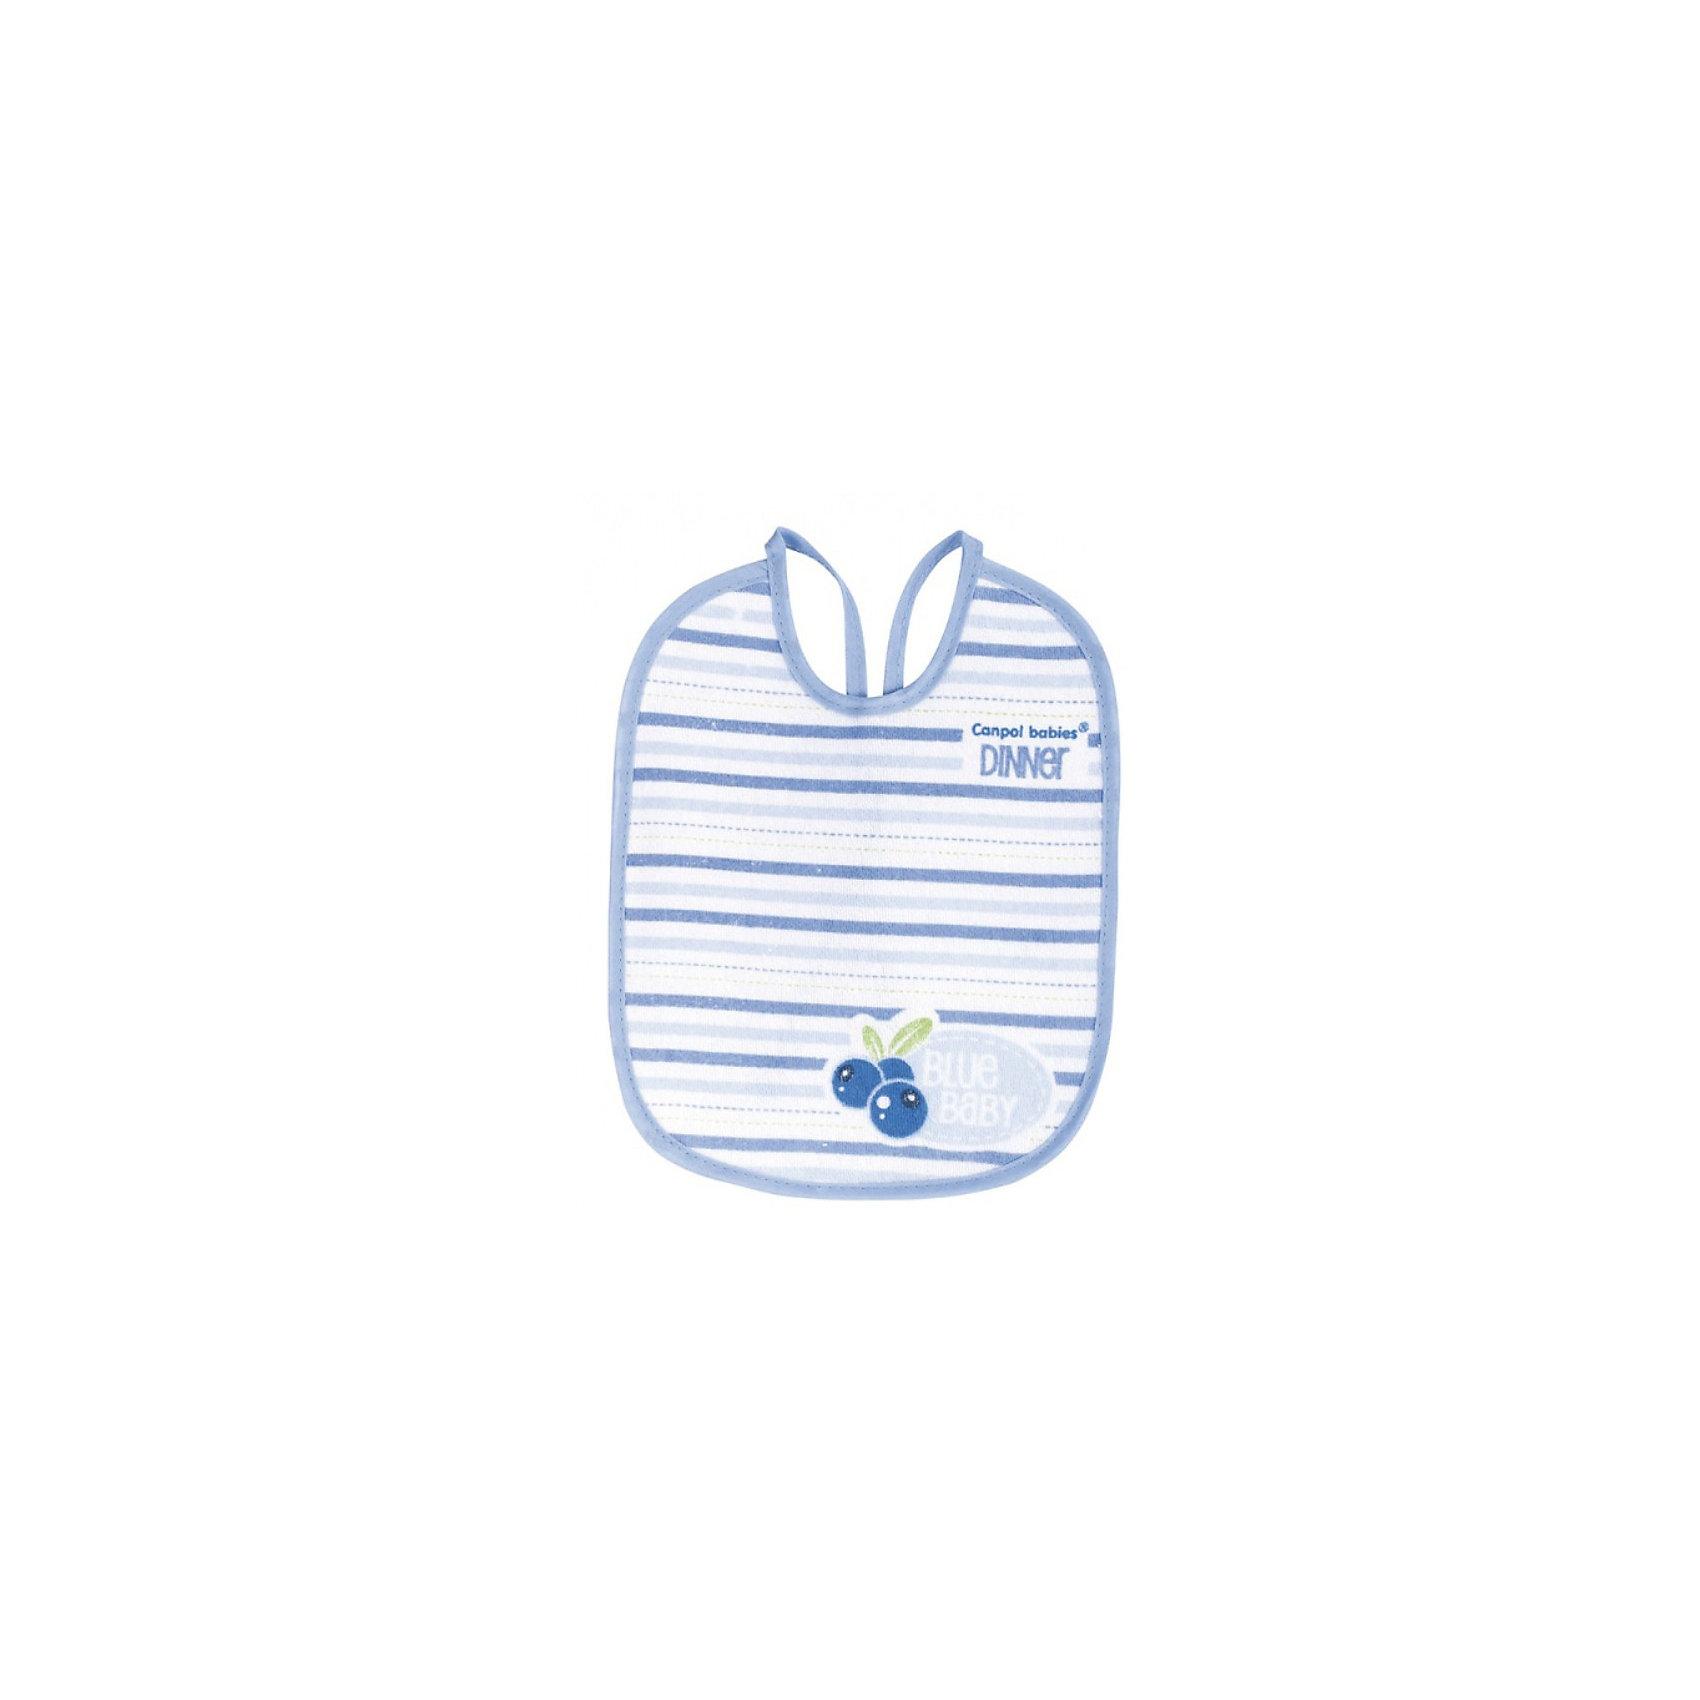 Нагрудник х/б махровый Фрукты, 3 шт., Canpol Babies